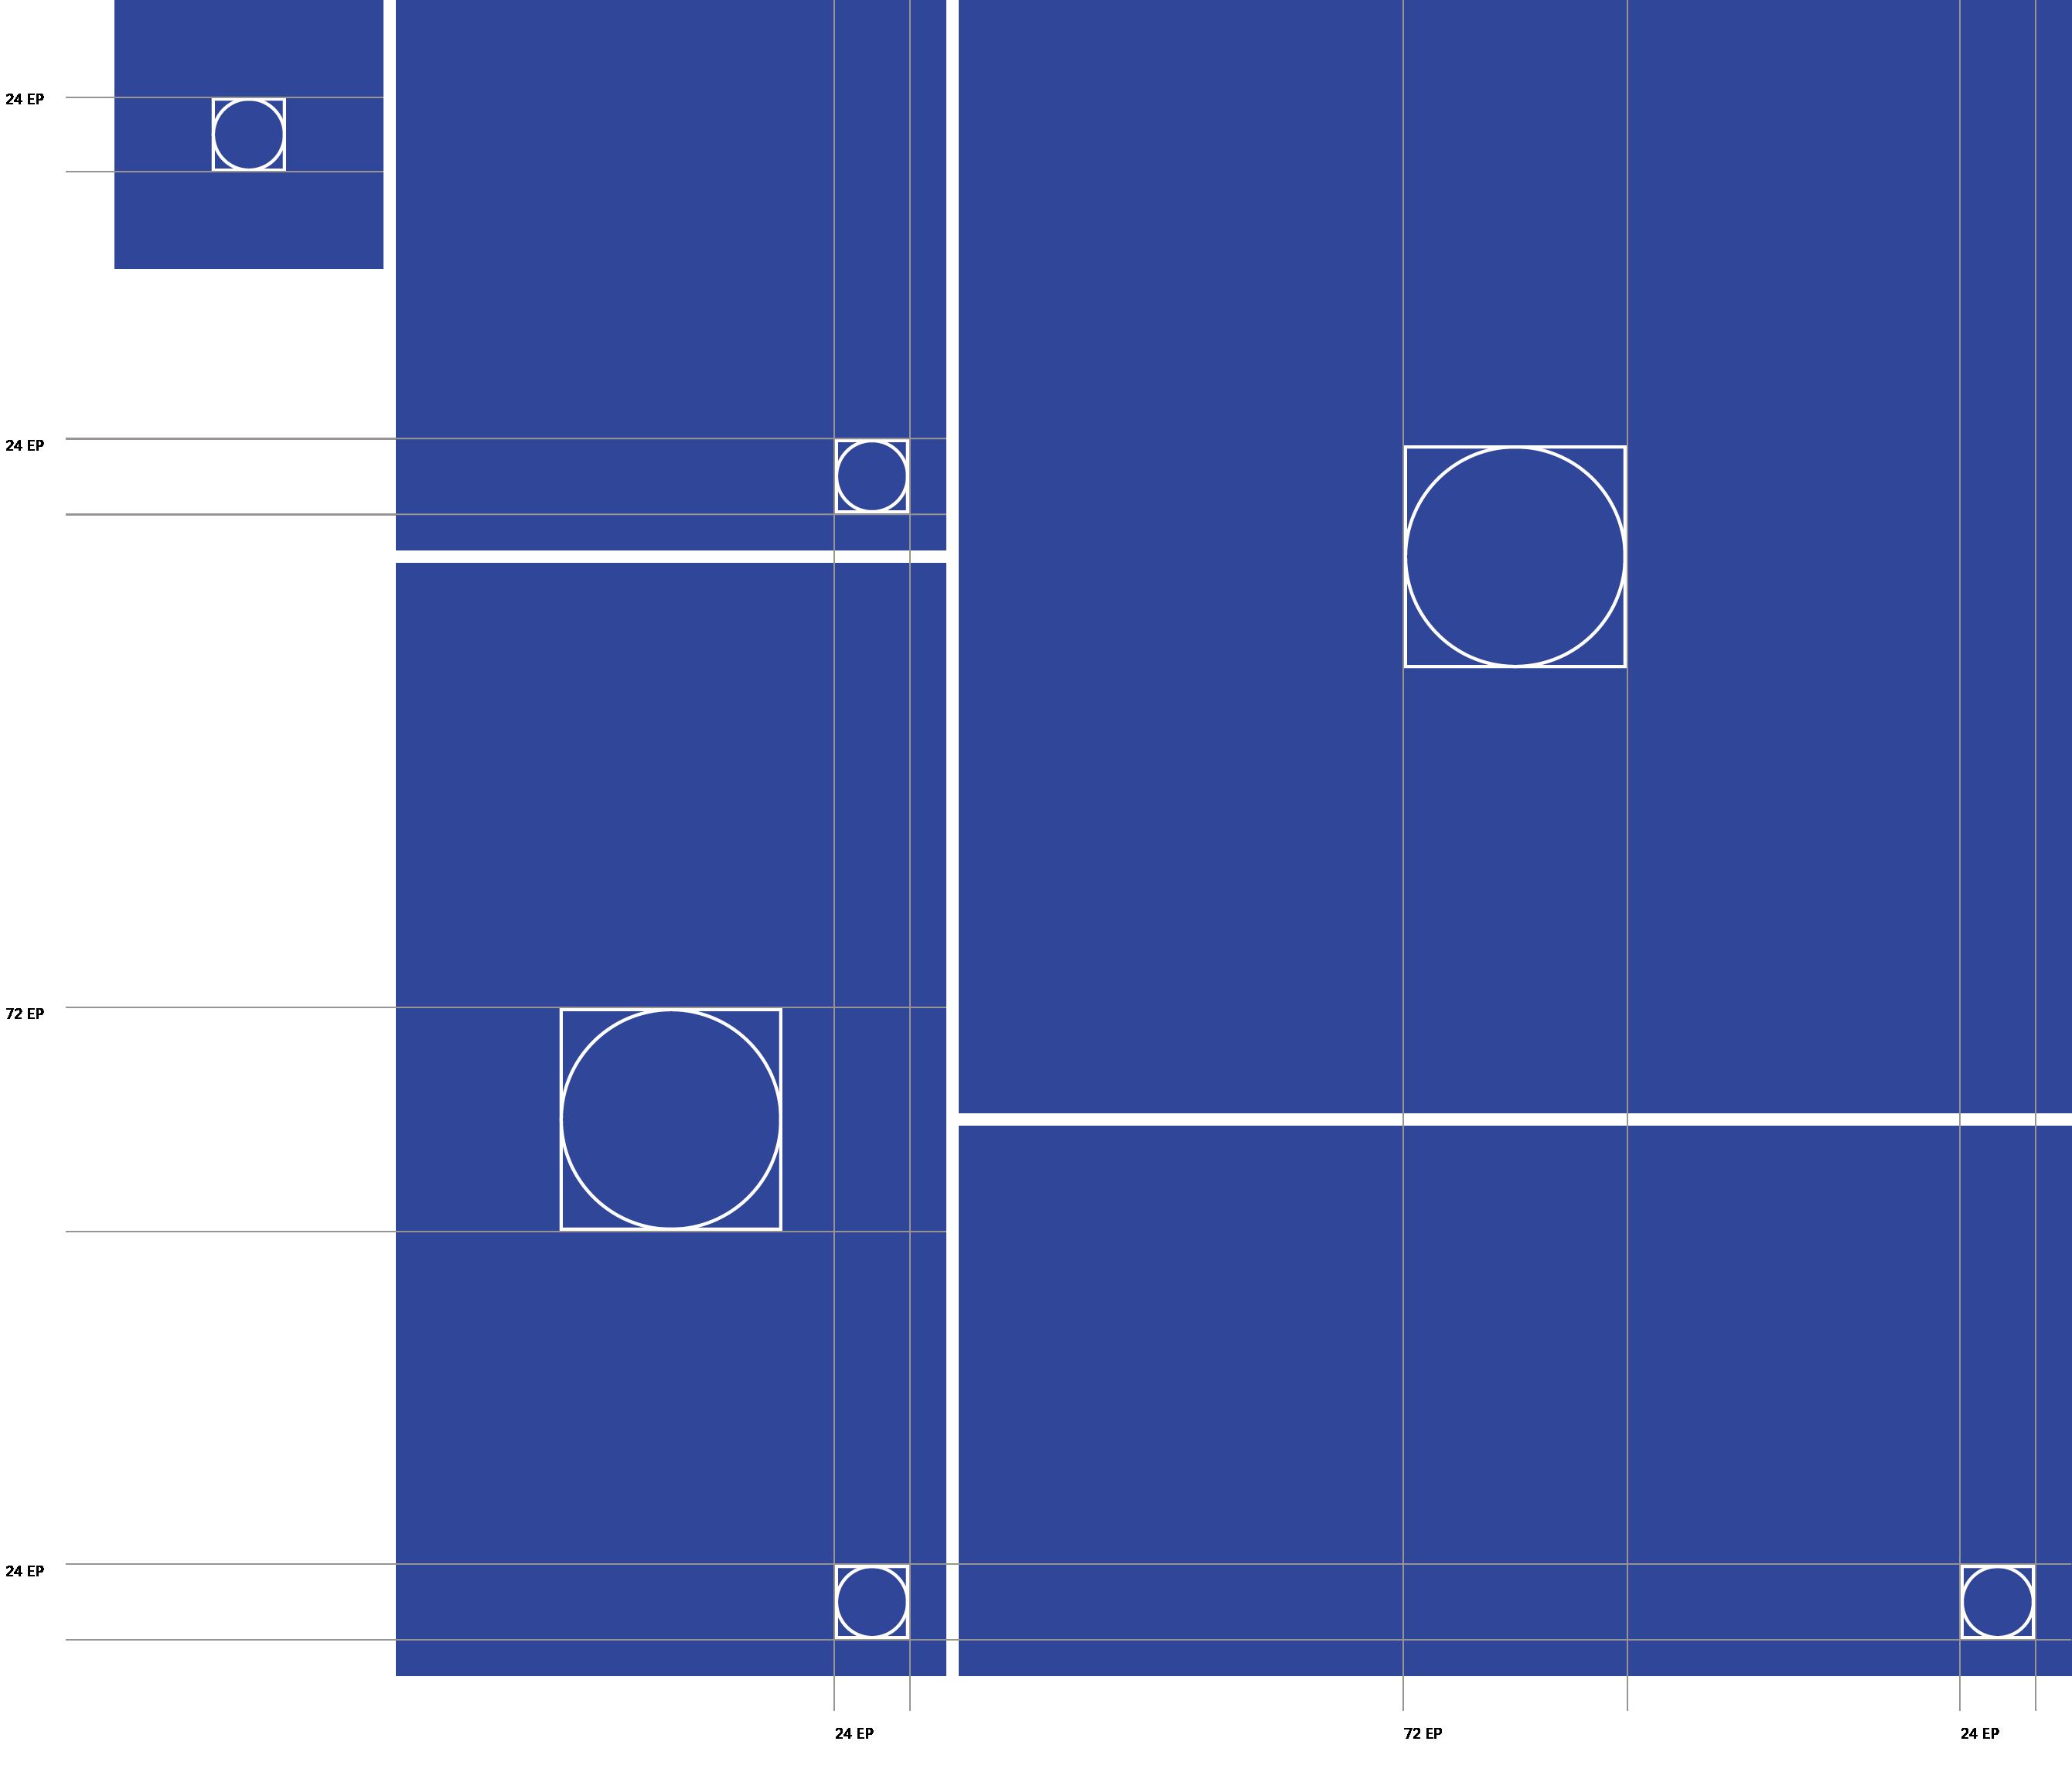 raykovich_start_Artboard 64 copy 2